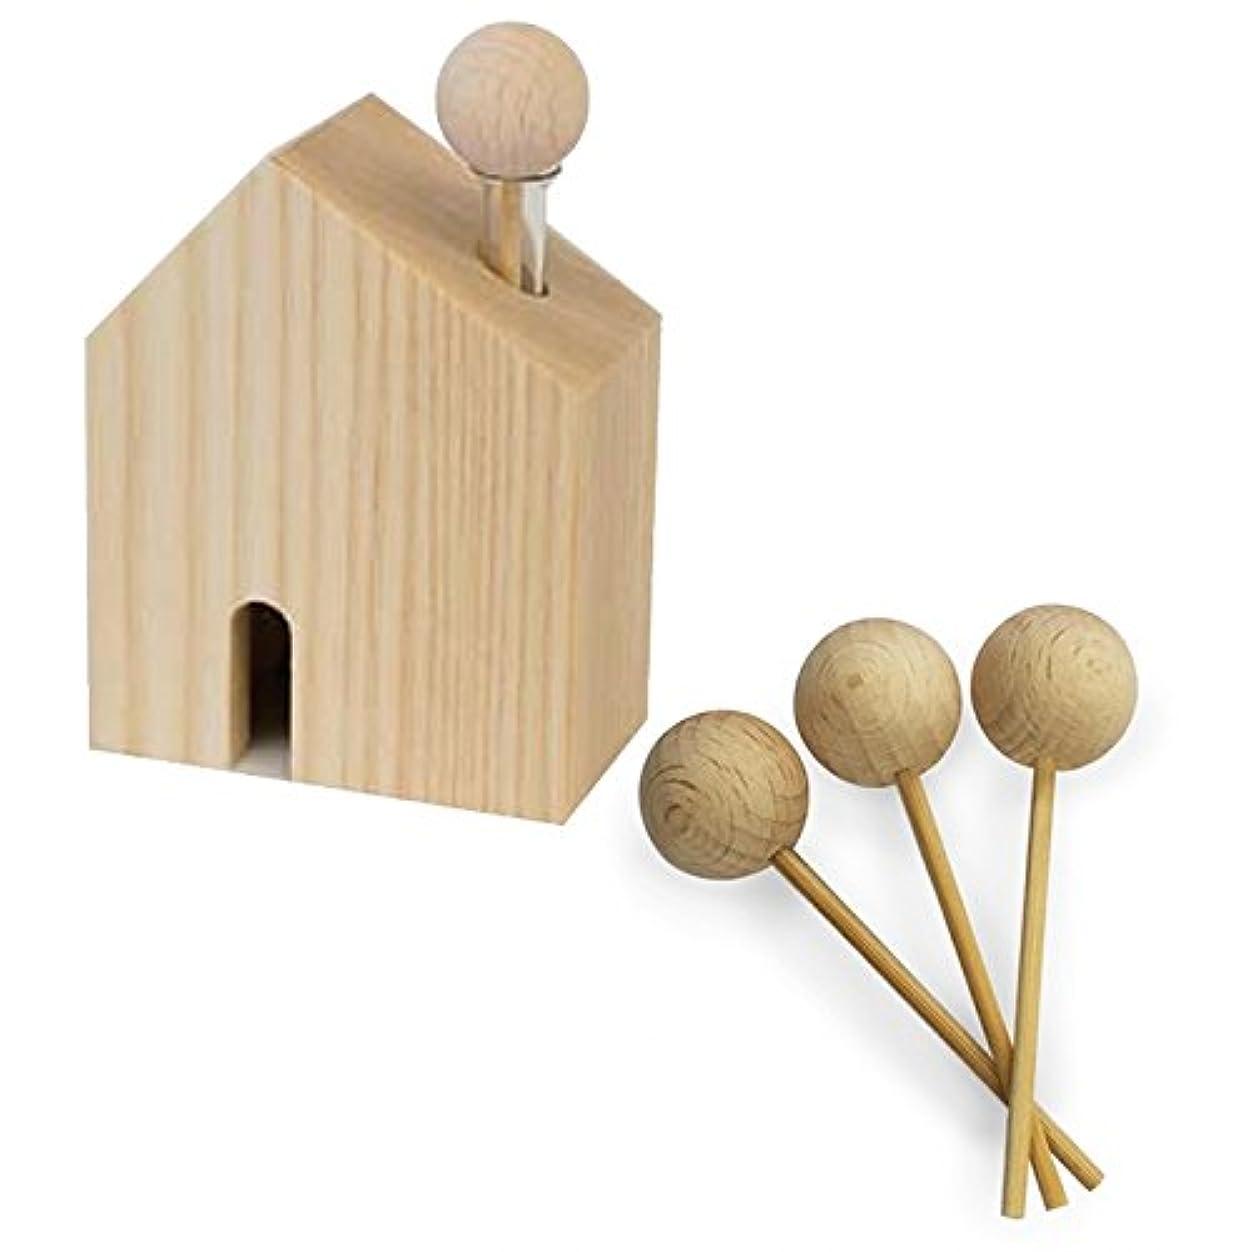 議論する受け皿ピンクHARIO ハリオ アロマ芳香器 木のお家 交換用木製スティック3本付